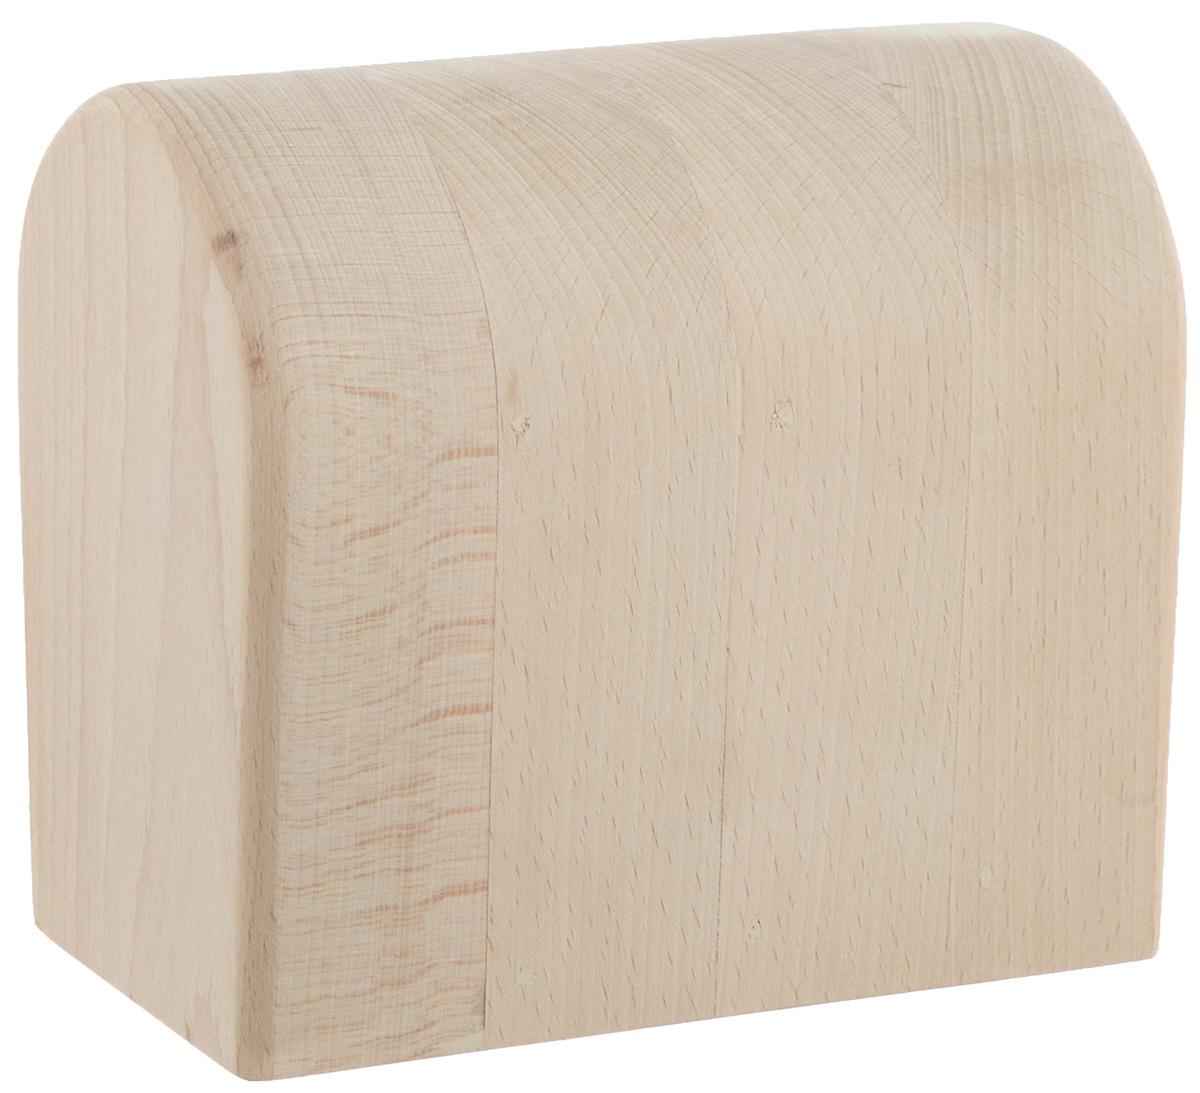 Колодка портновская Окат женский. OK11420GC204/30Портновская колодка Окат женский подходит для глажки манжет, плечевых швов и оката рукава. Изделие выполнено из древесины бука. Влажно-тепловая обработка имеет большое значение в улучшении качества швейных изделий и их внешнего вида. Даже кривую строчку в некоторых случаях можно исправить утюгом. Колодка облегчит утюжку в труднодоступных для утюга местах. Кроме того, твердое холодное дерево быстро впитывает пар и охлаждает ткань, способствуя закреплению формы.